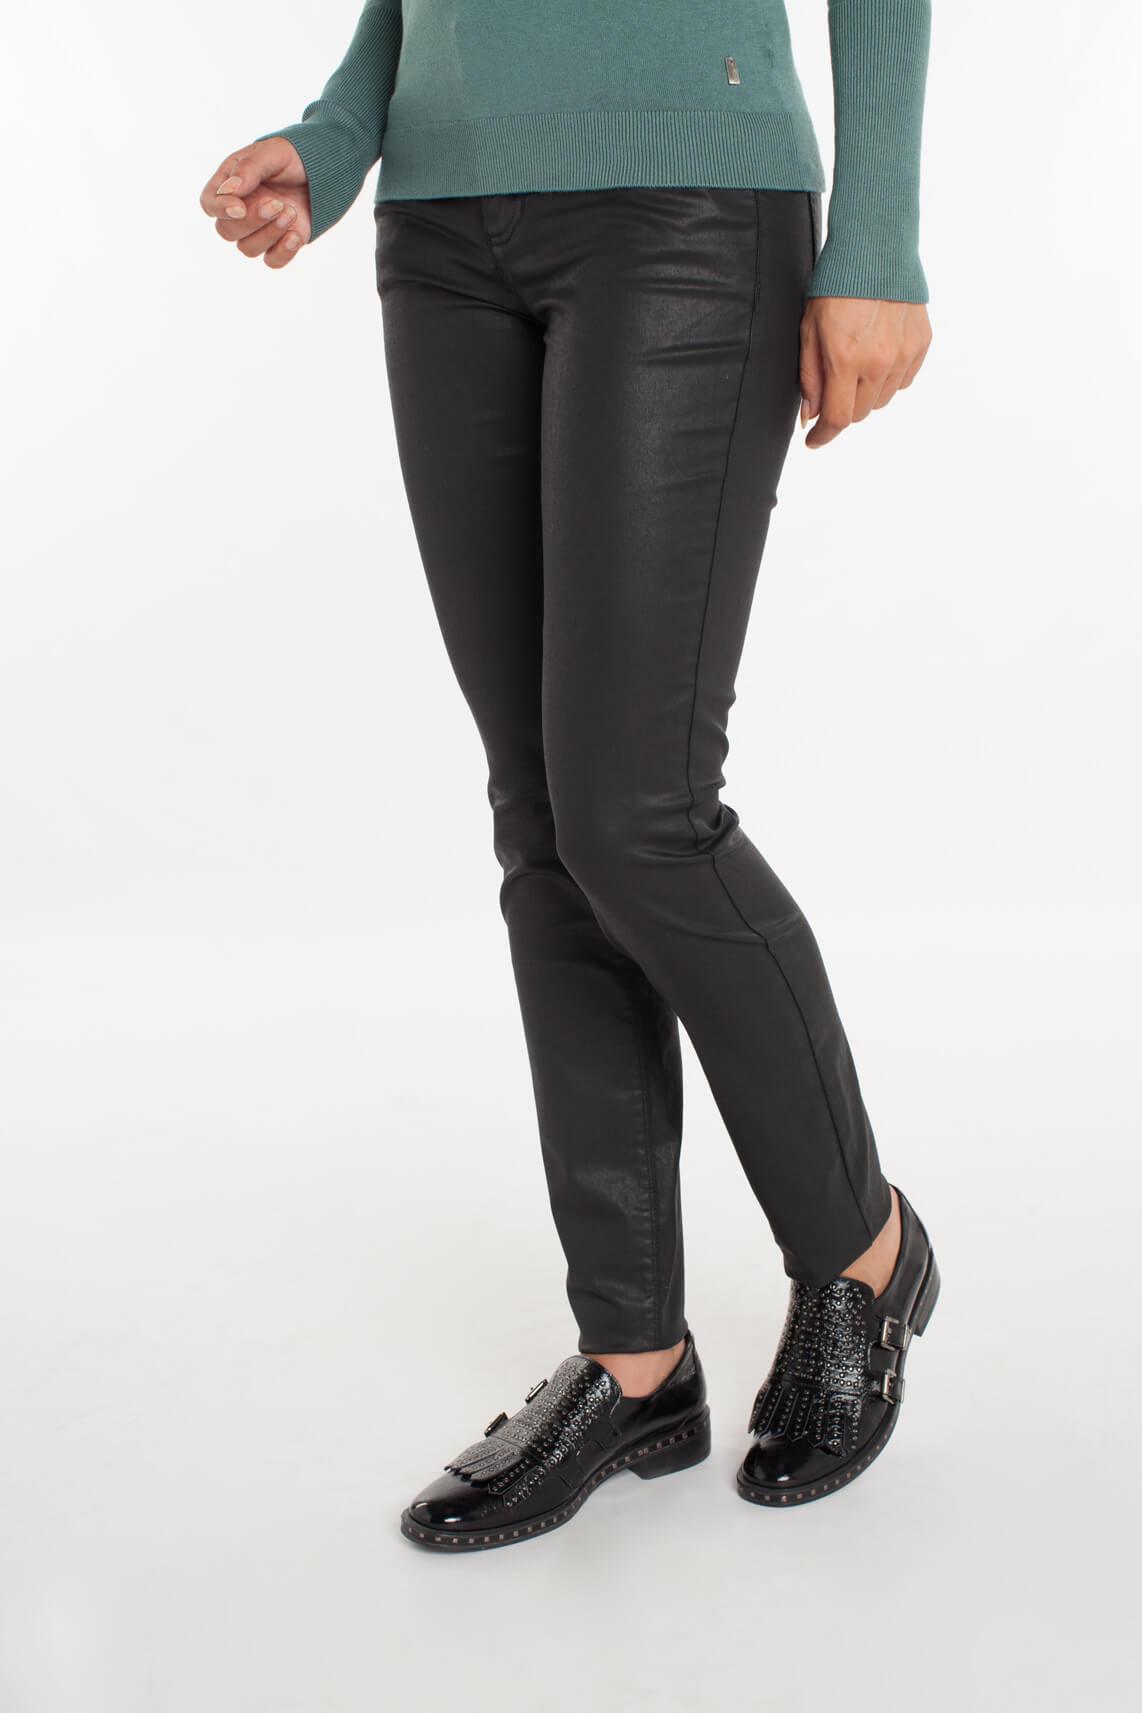 Rosner Dames Antonia gecoate broek zwart